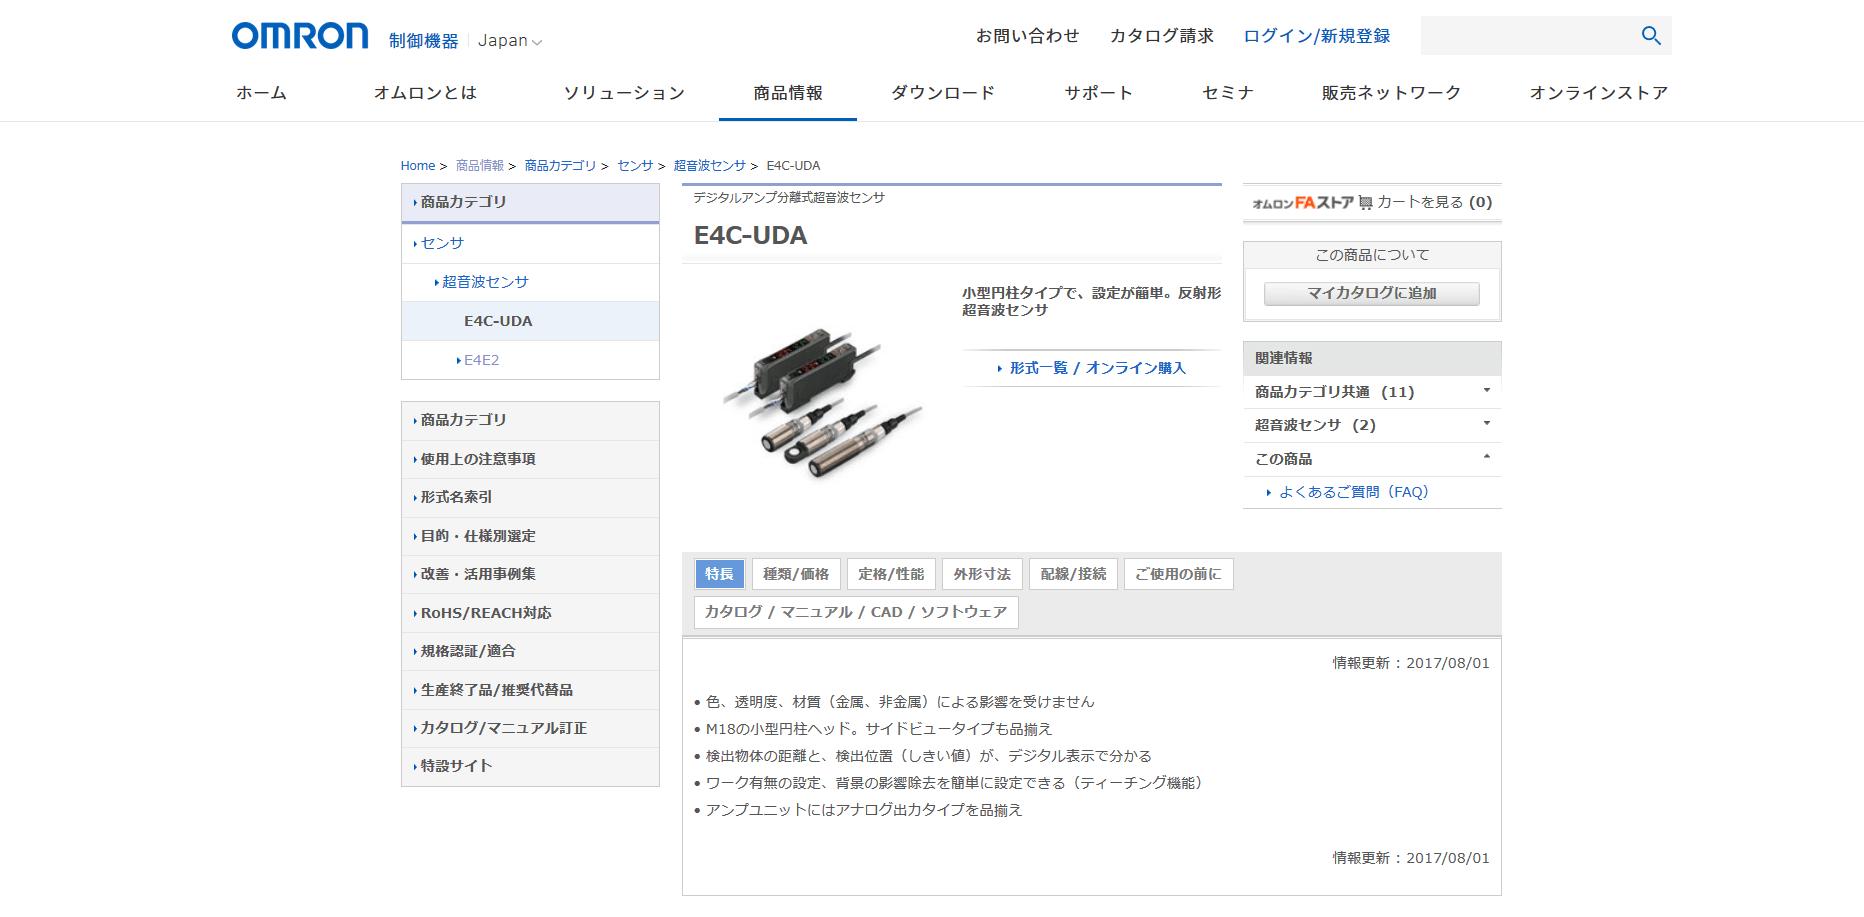 E4C-UDA